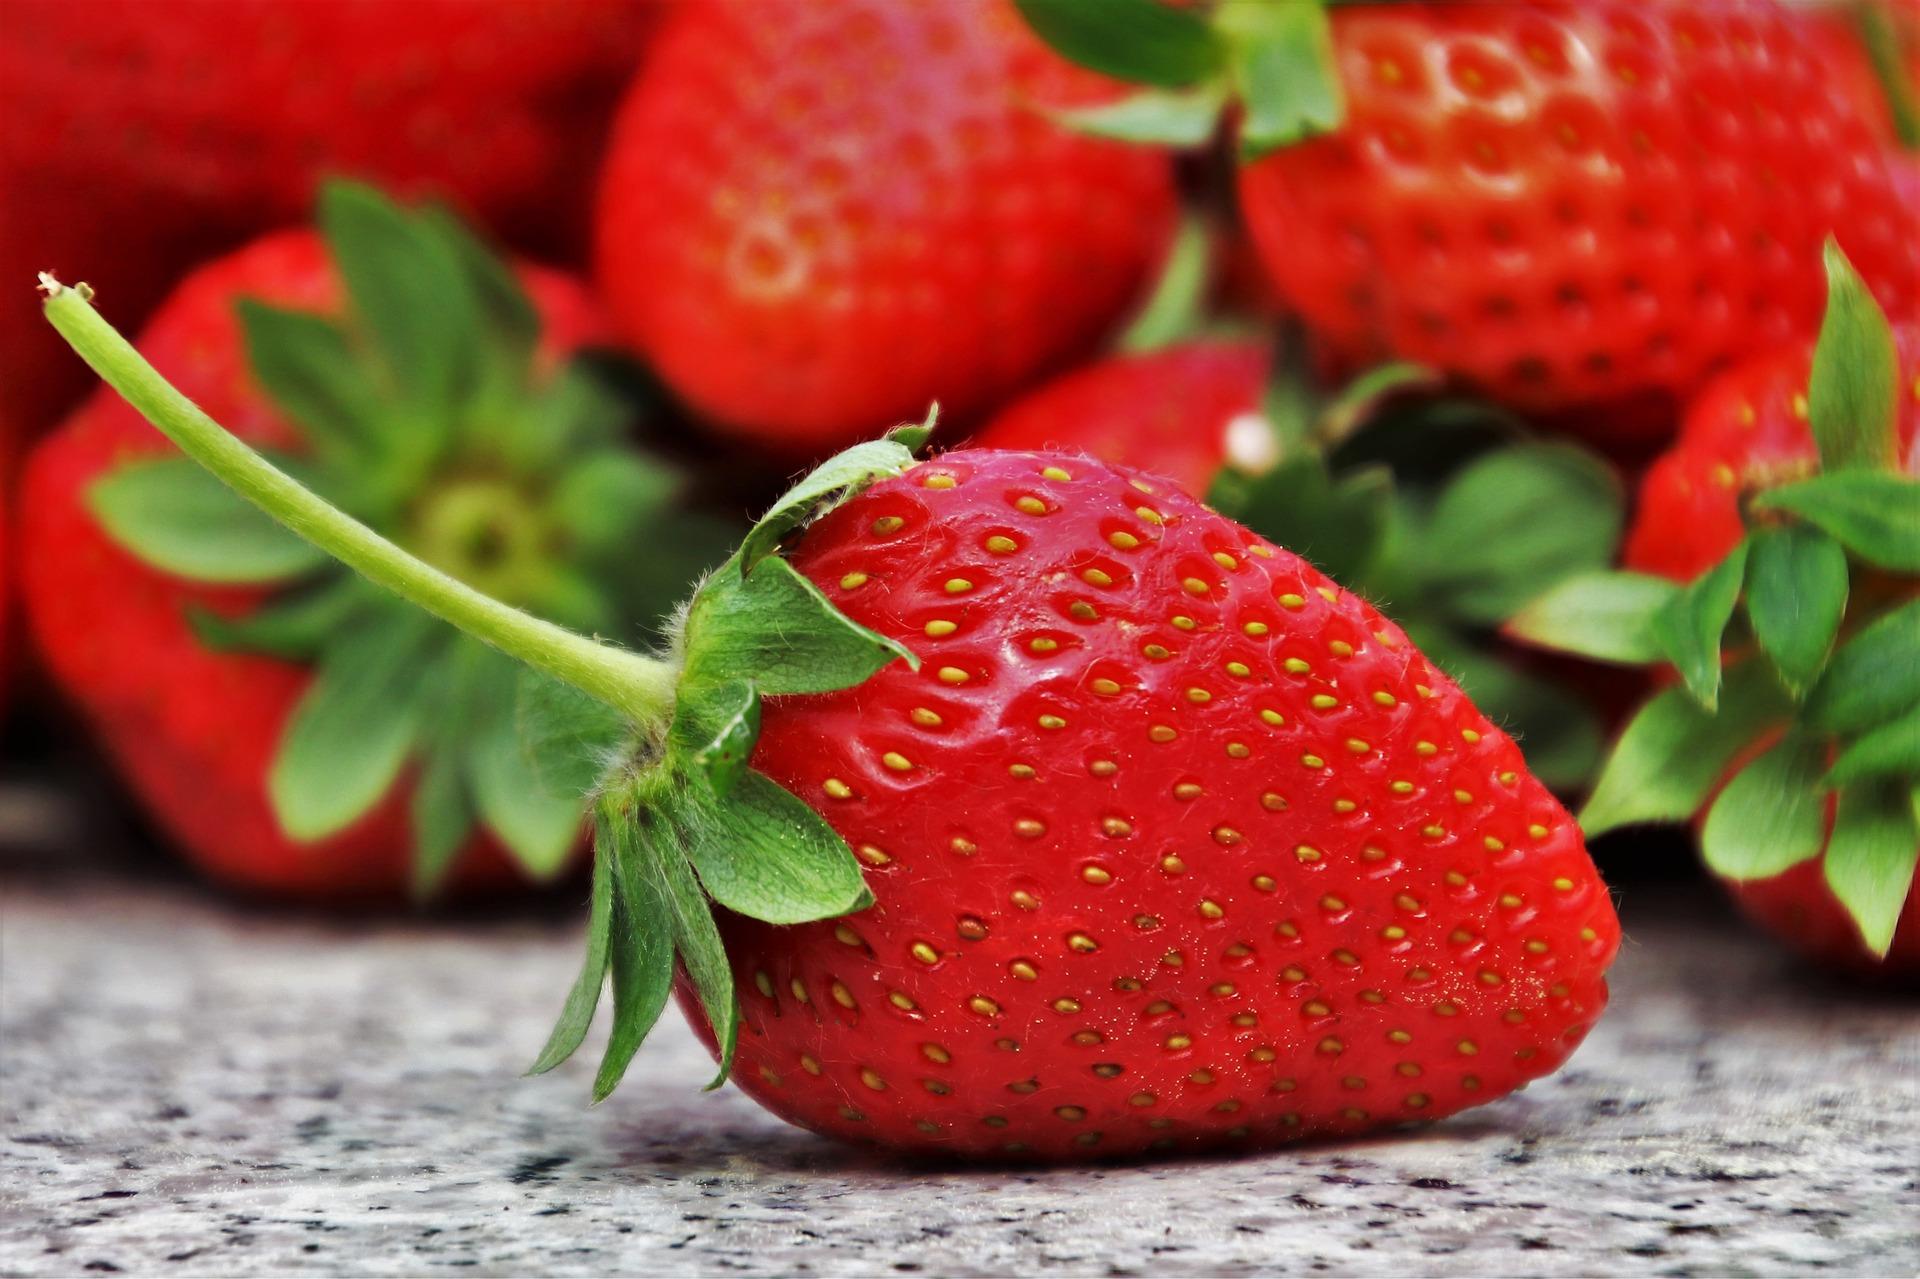 Strawberries 3359755 1920